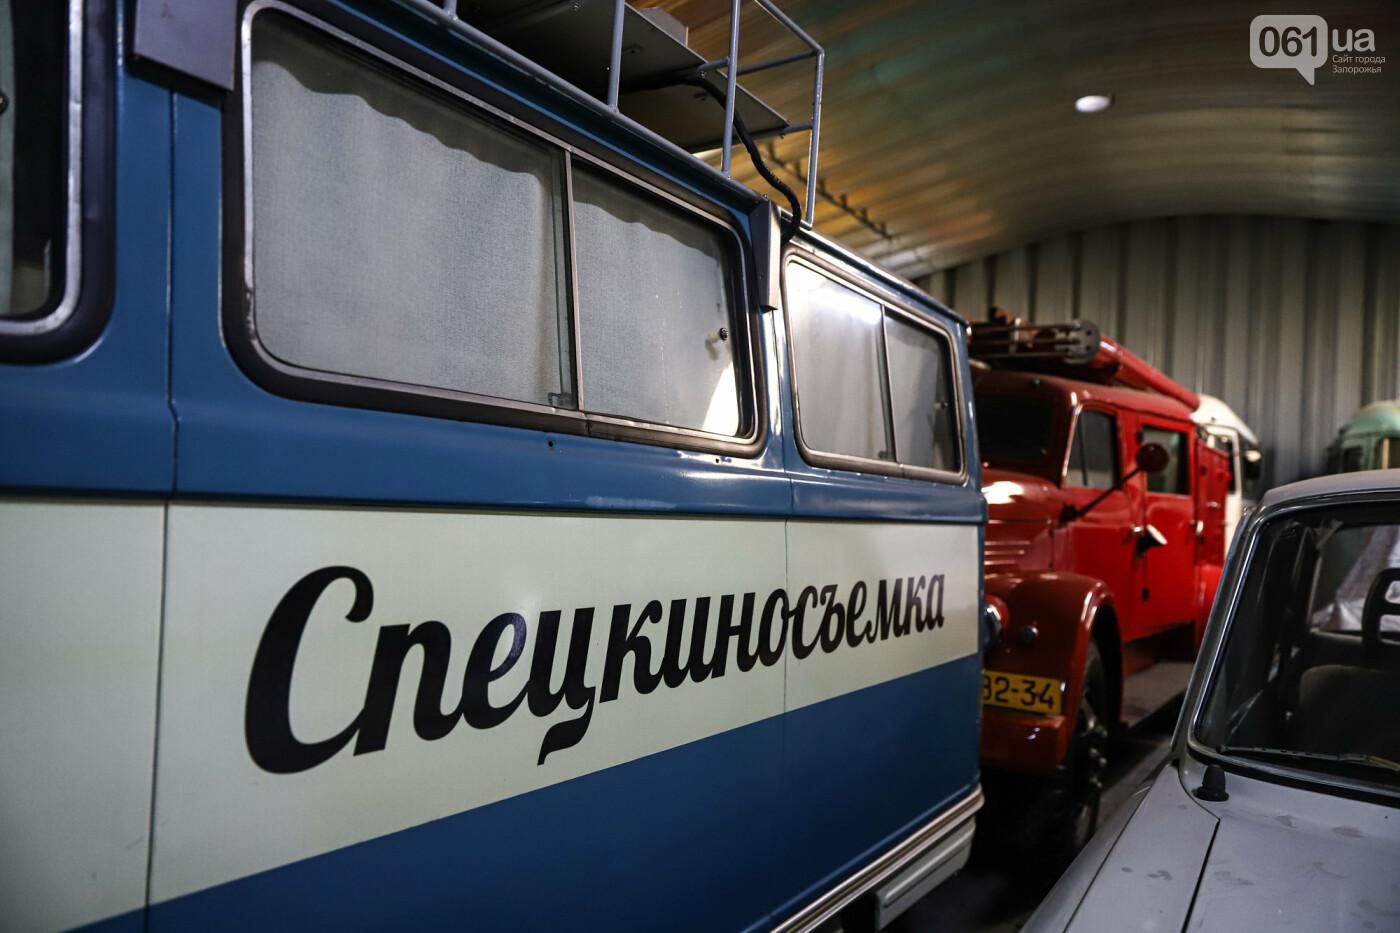 В Запорожье на месте зеленхоза одного из заводов появится Музей специального транспорта, - ФОТОРЕПОРТАЖ, фото-3